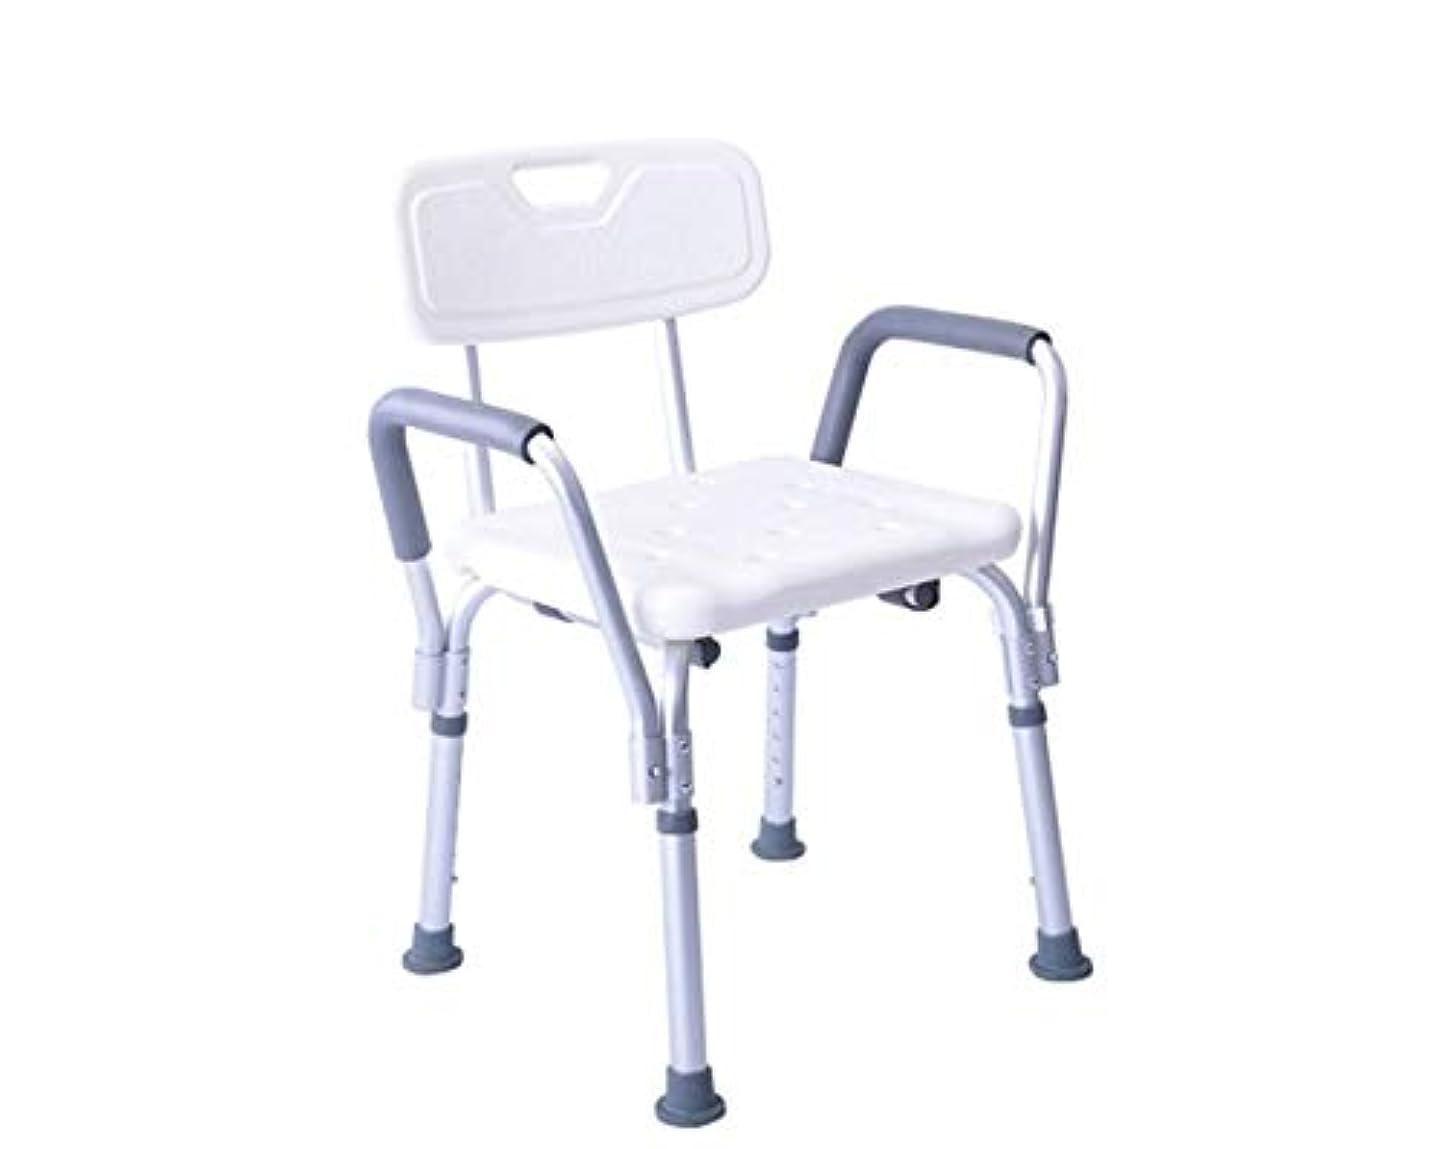 良心的リッチうがい薬多用途バススツール-アームレストとシートと背もたれで高さを調節可能